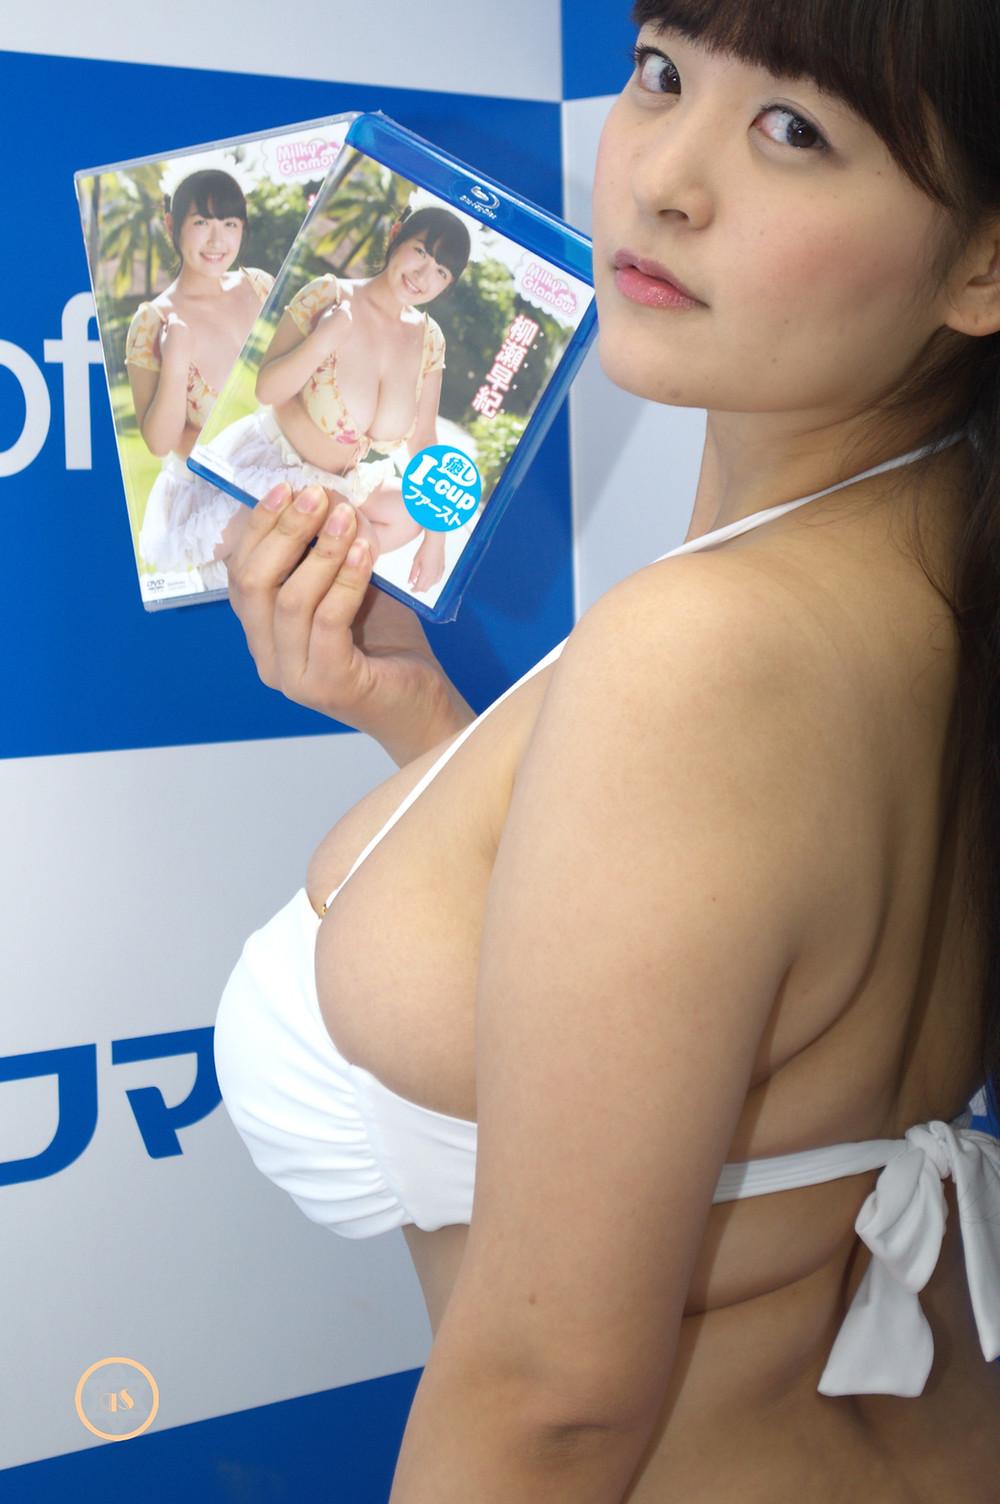 超爆乳Kカップグラビアアイドル柳瀬早紀ミルキー・グラマーDVD発売記念イベント (1)